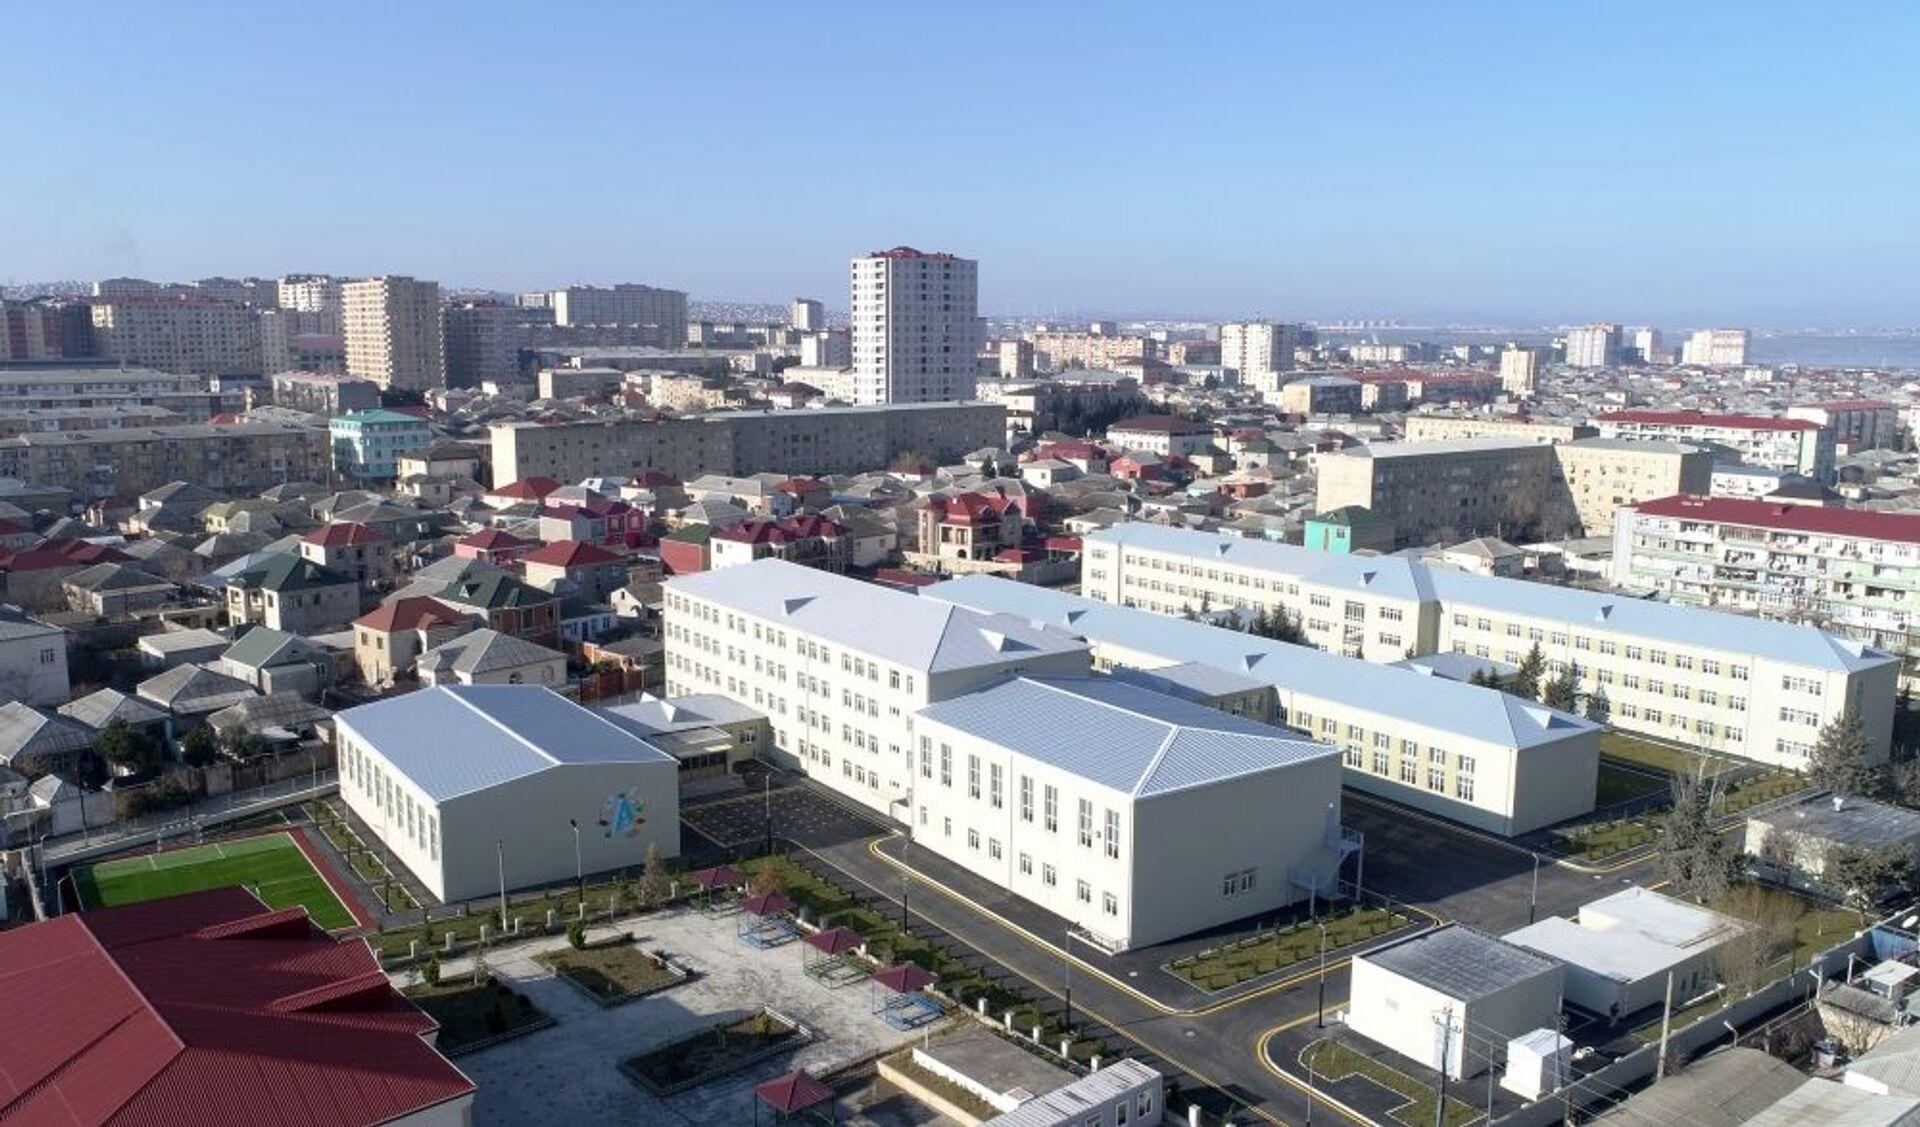 Президент Алиев с супругой посетили ряд важных объектов: школу, больницу, подстанцию - Sputnik Азербайджан, 1920, 01.02.2021